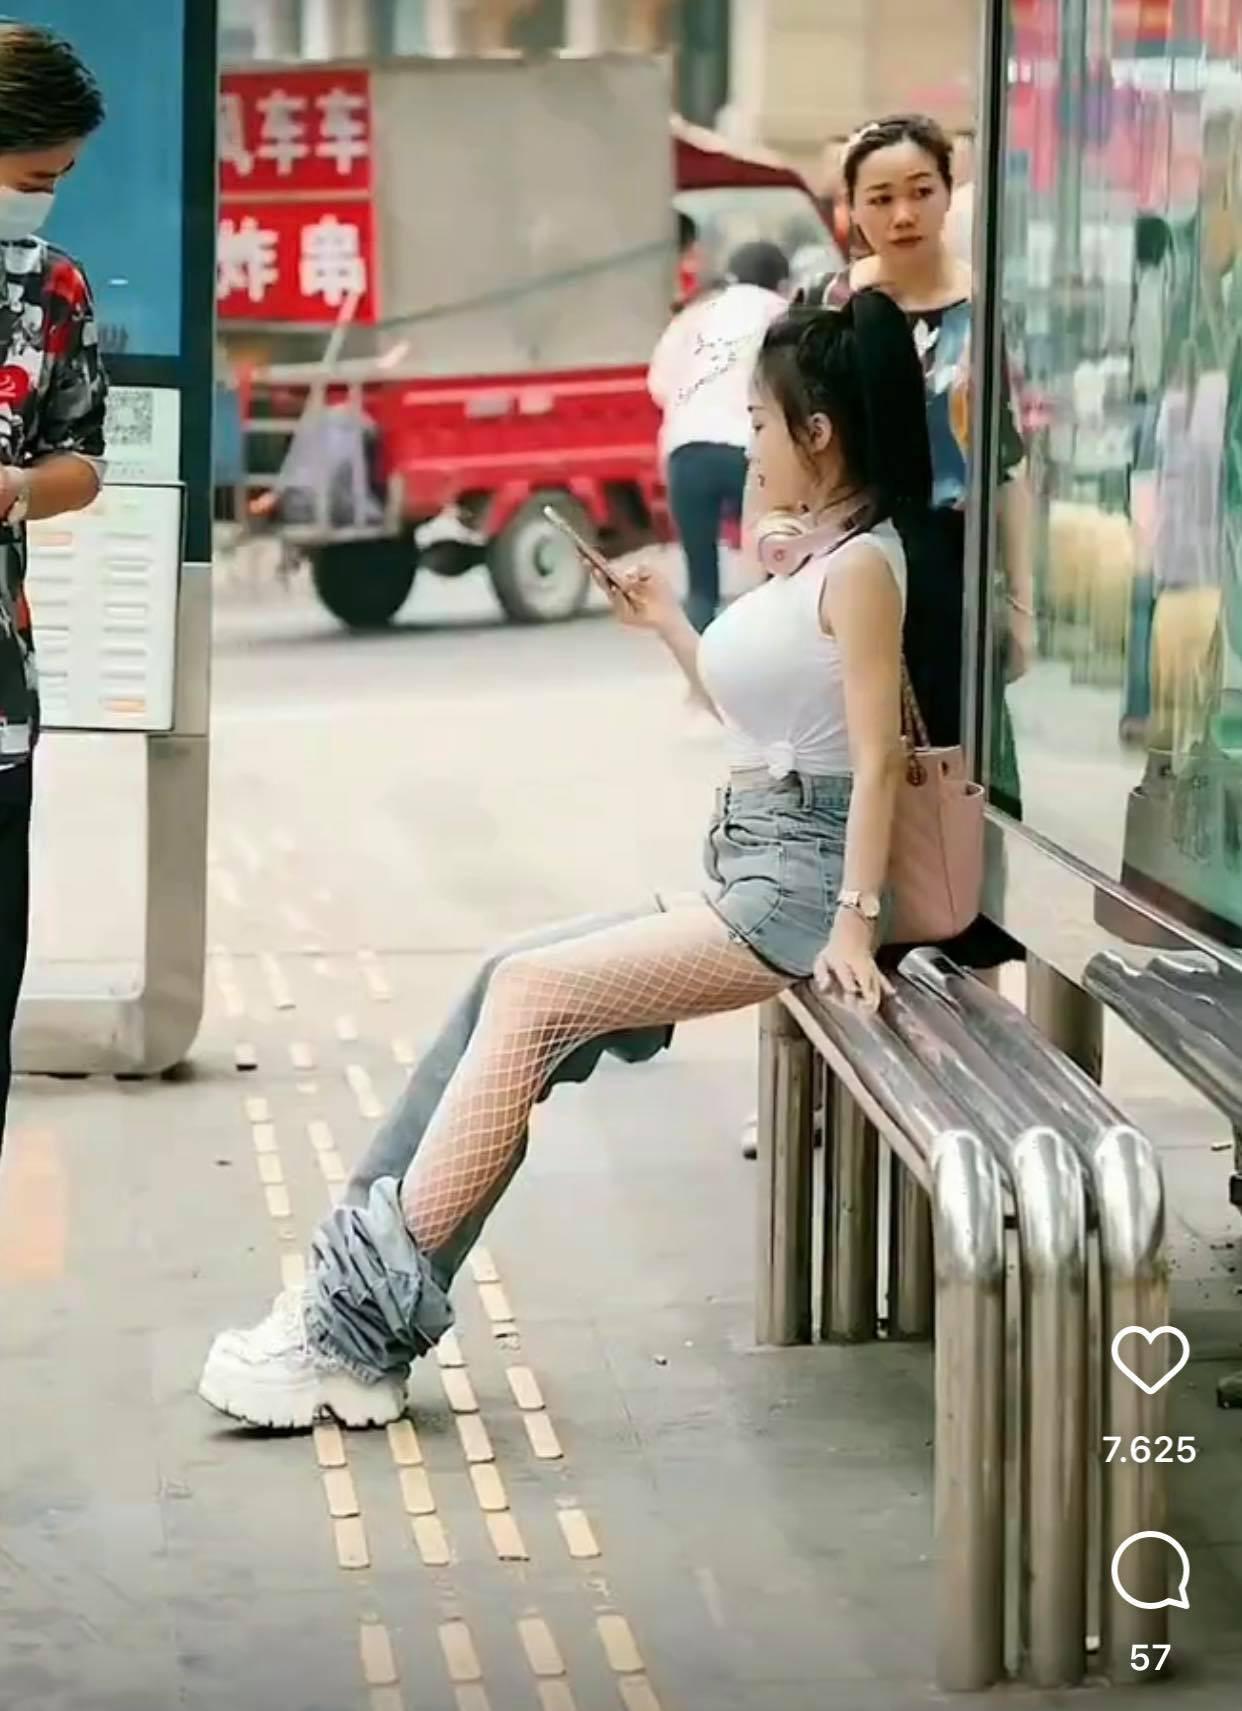 Ngồi chờ xe buýt, hot girl khiến người đi đường nhìn chằm chằm vì chiếc quần kỳ cục - 1